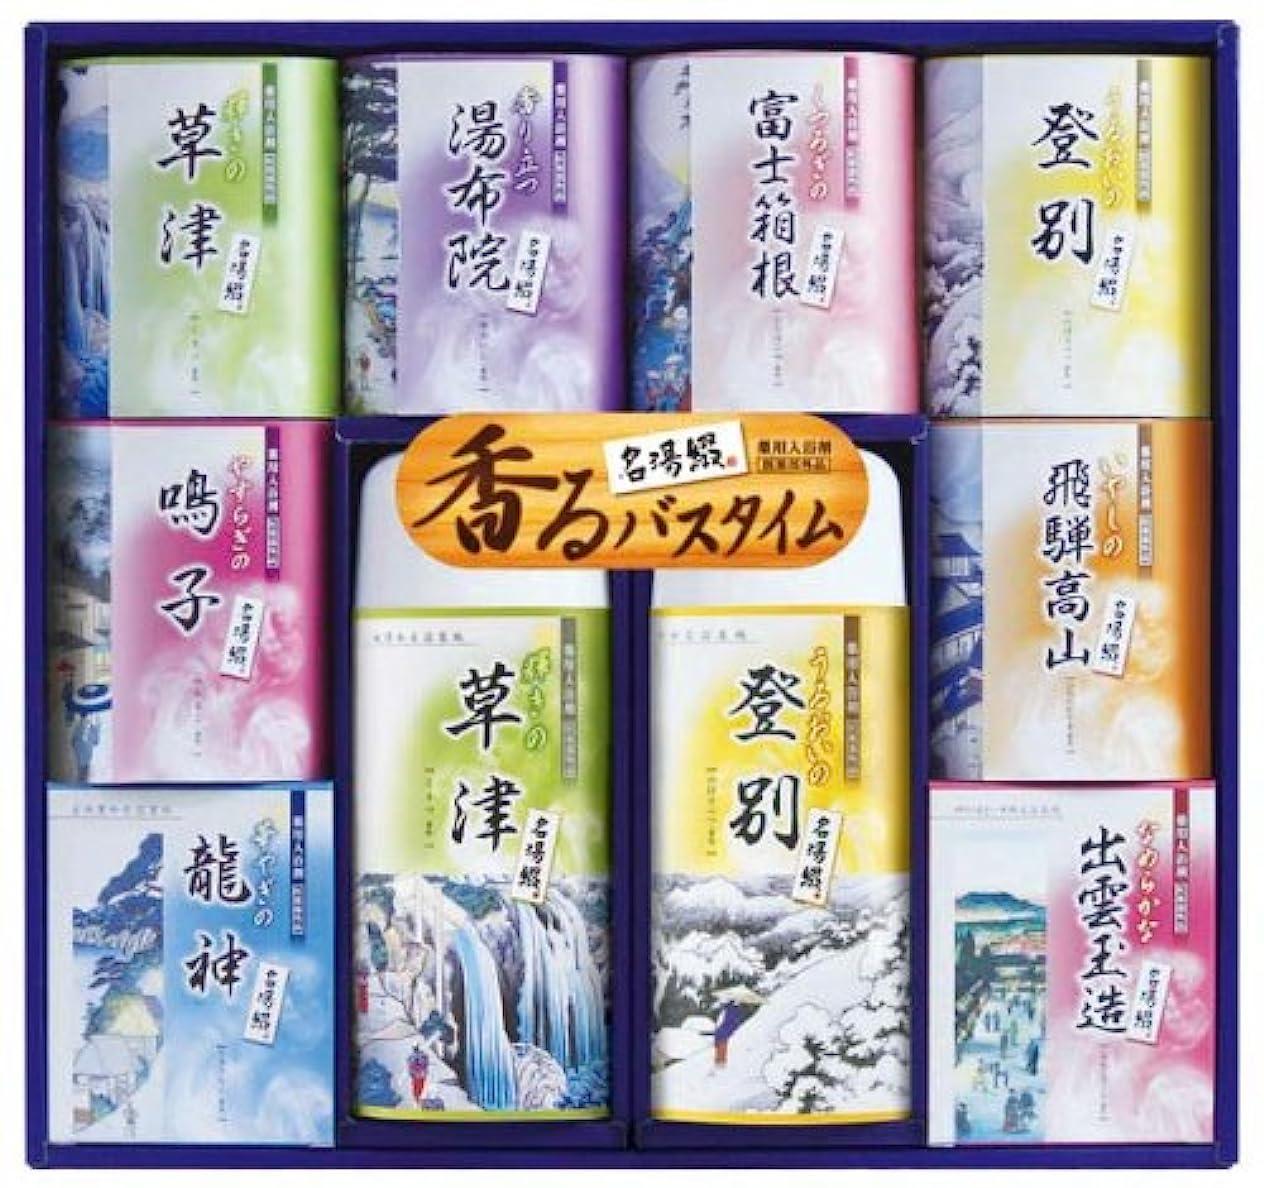 排出広告ブリーフケースTML-30名湯綴 薬用入浴剤セット